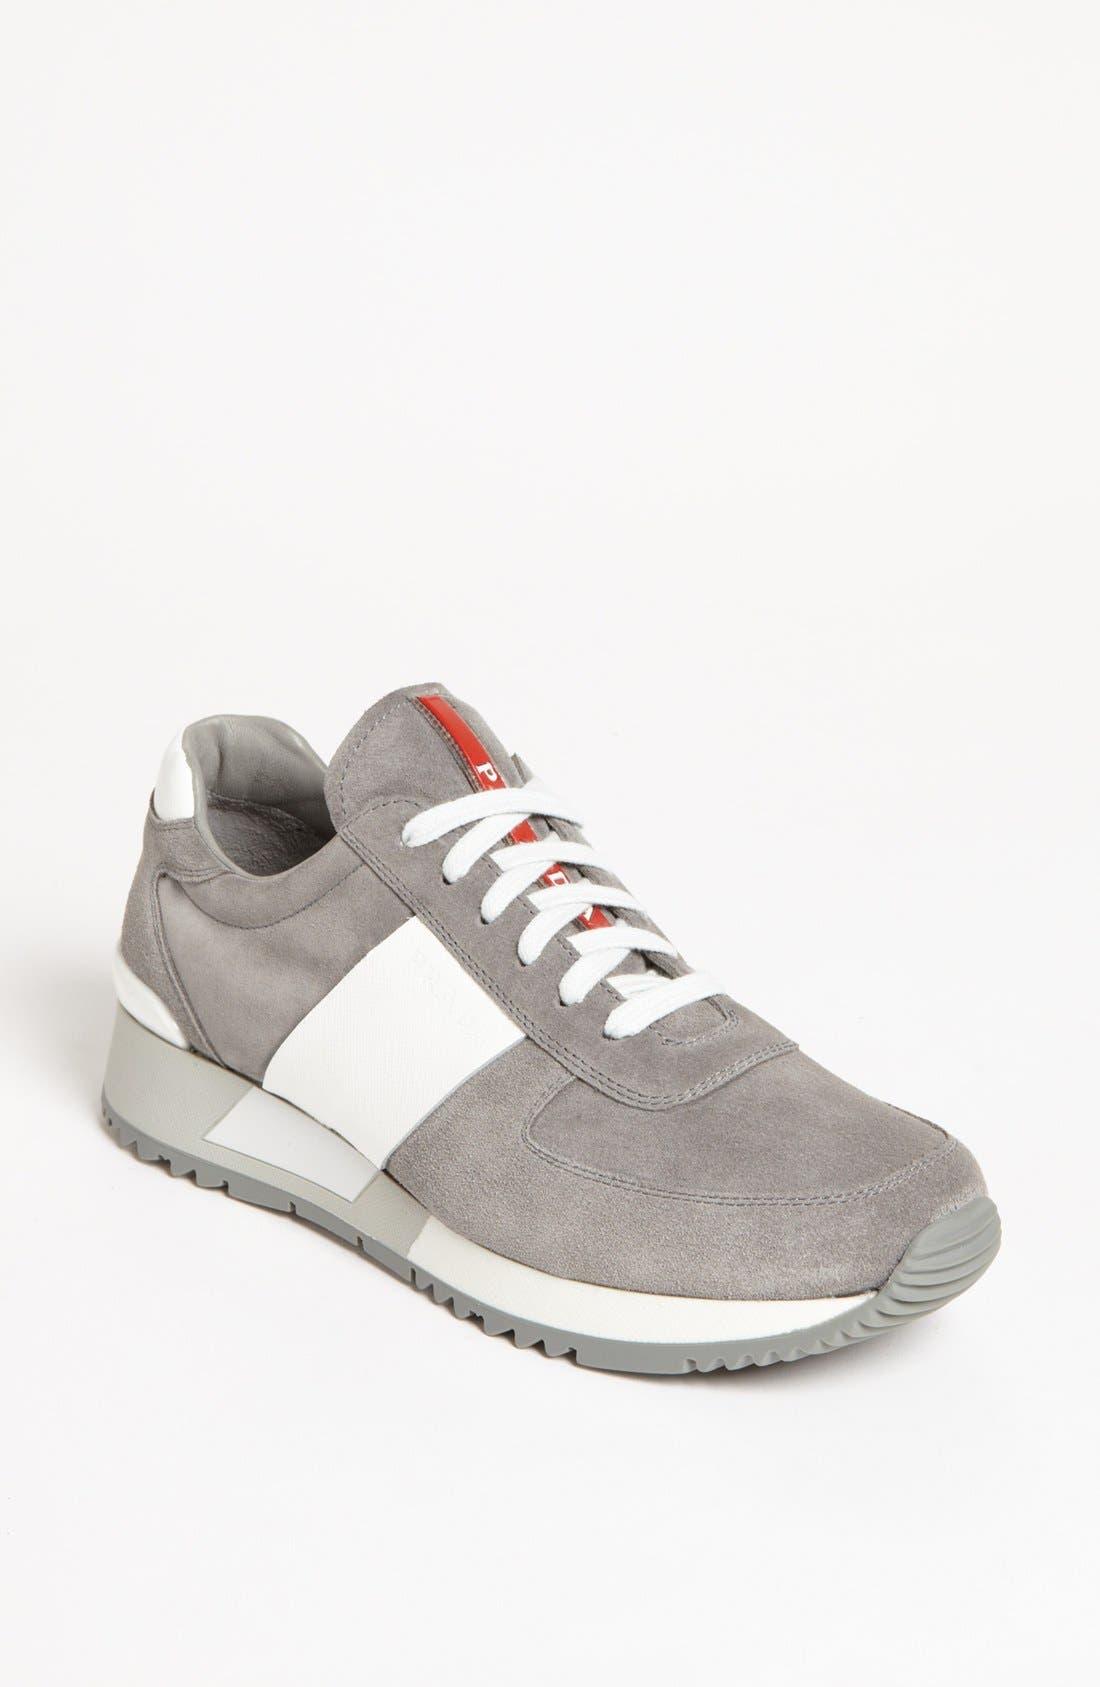 Alternate Image 1 Selected - Prada Sneaker